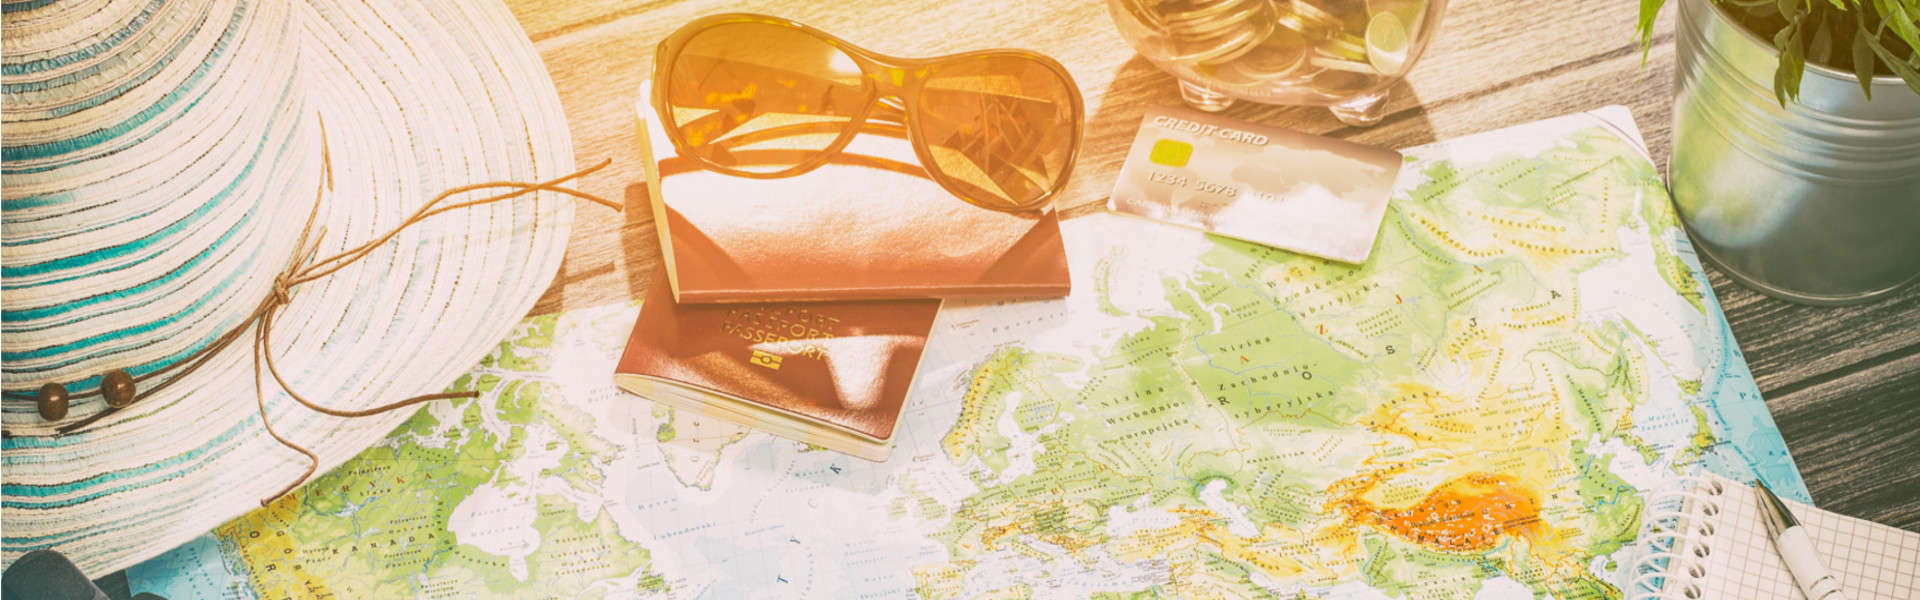 Reisemagazin mit Tipps und Tricks für Ihre nächste Reise